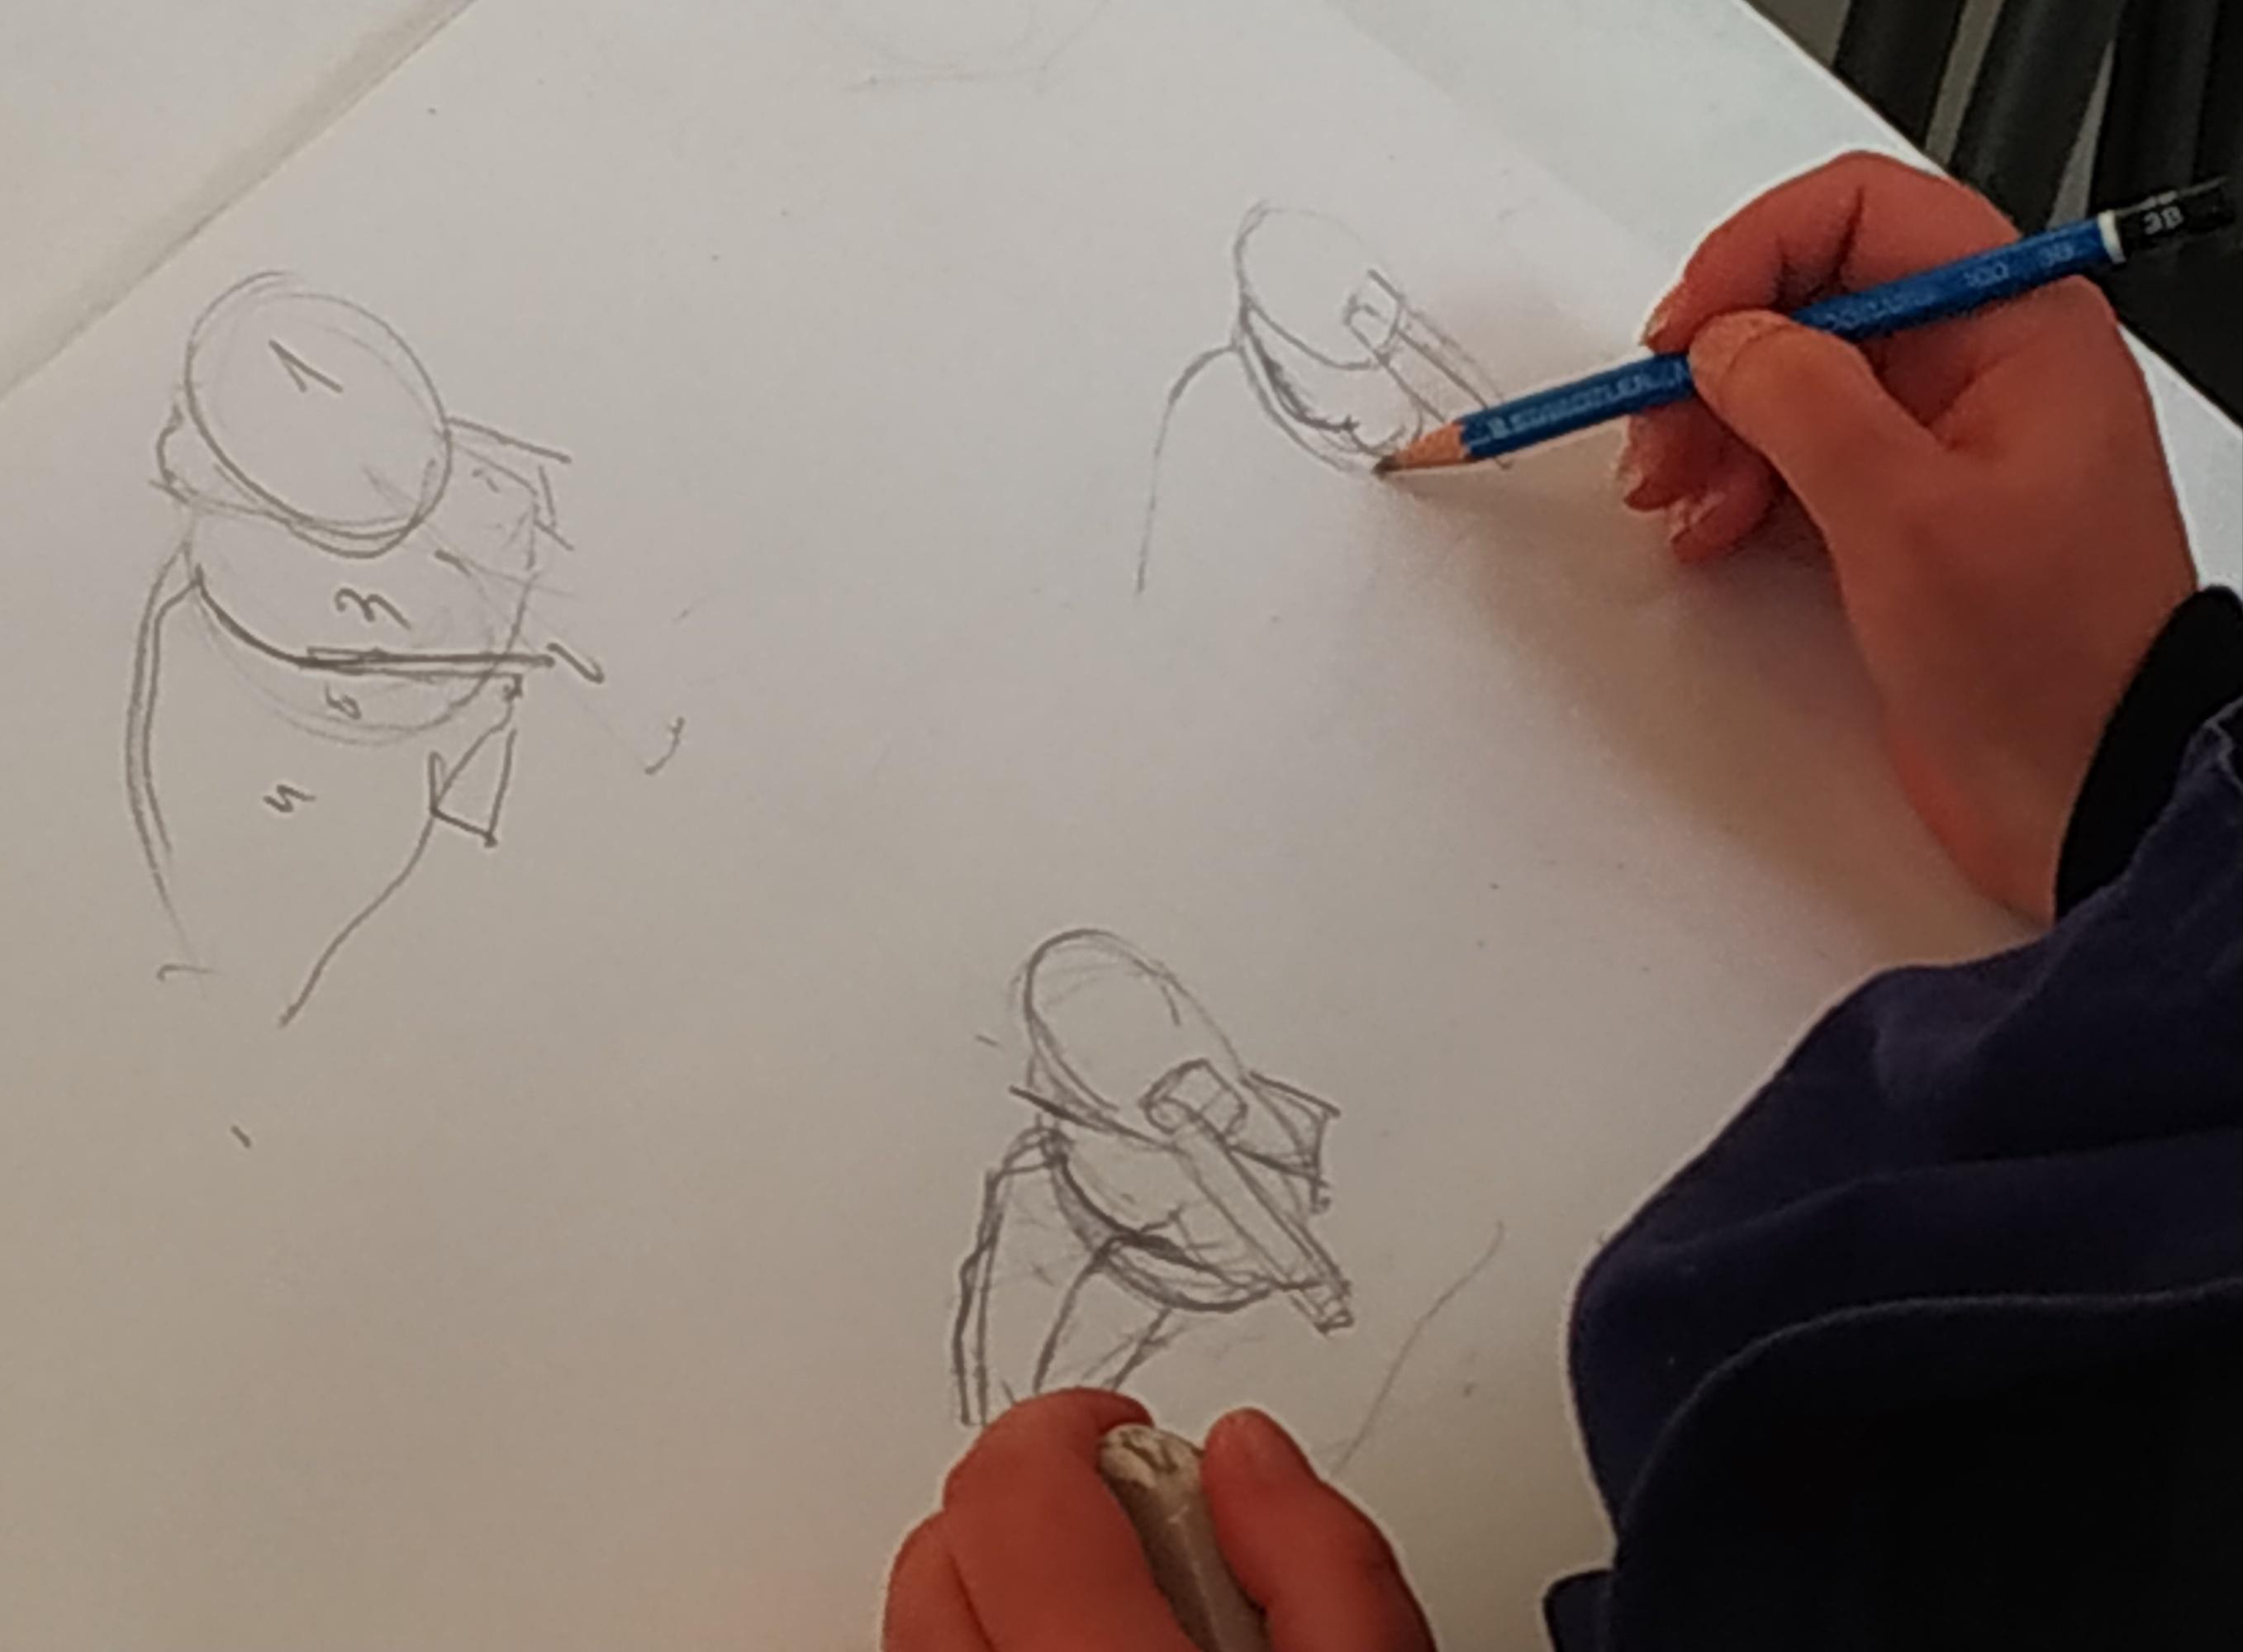 Croquis rapide mod�le vivant  cours de dessin